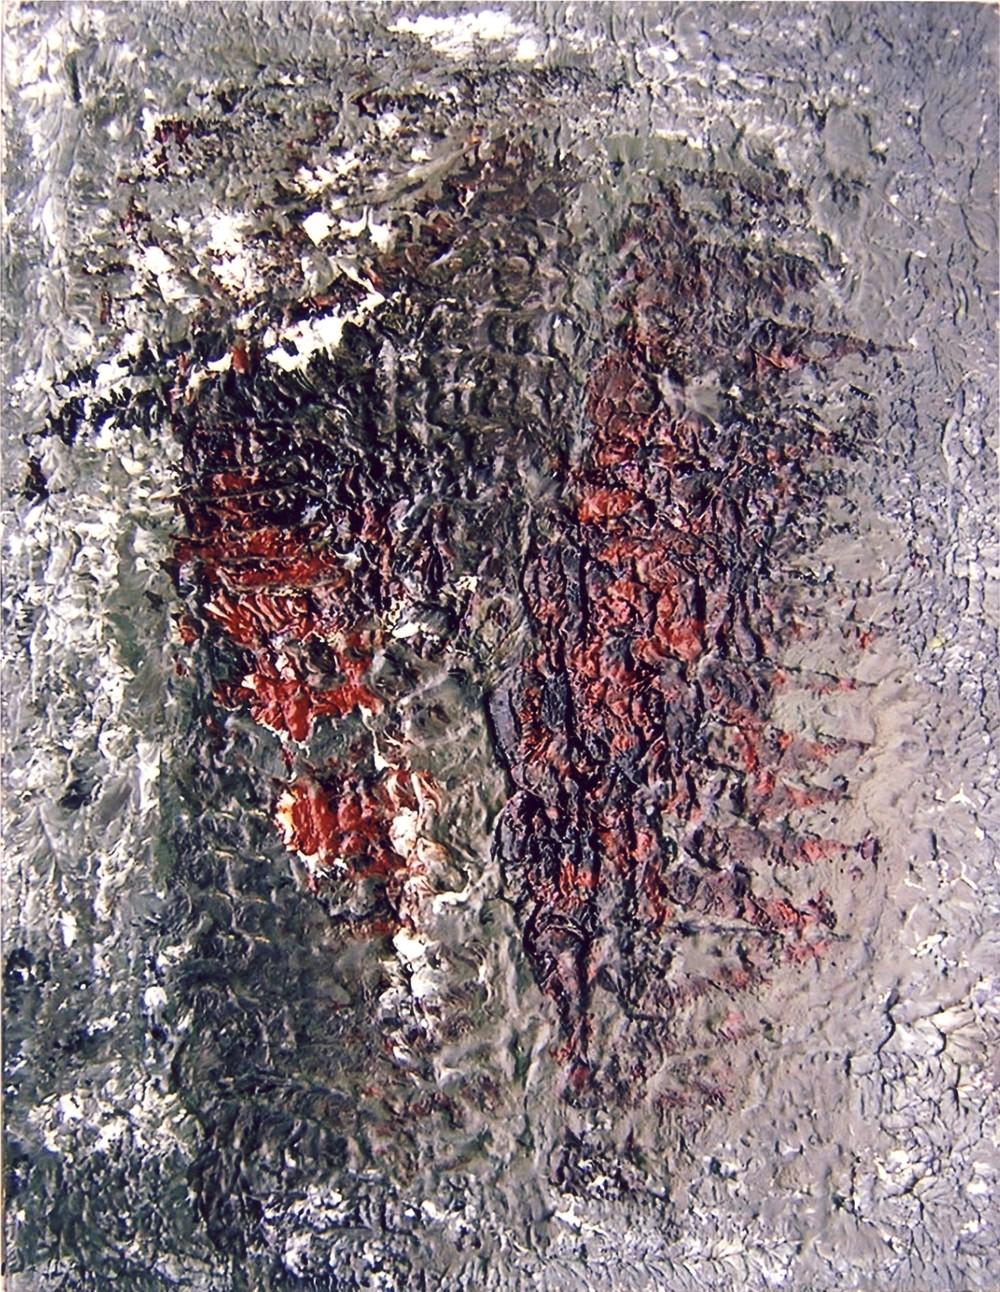 18 maggio, 1957, olio su tela, cm 65 x 50  18 maggio, 1957, oil on canvas, cm 65 x 50